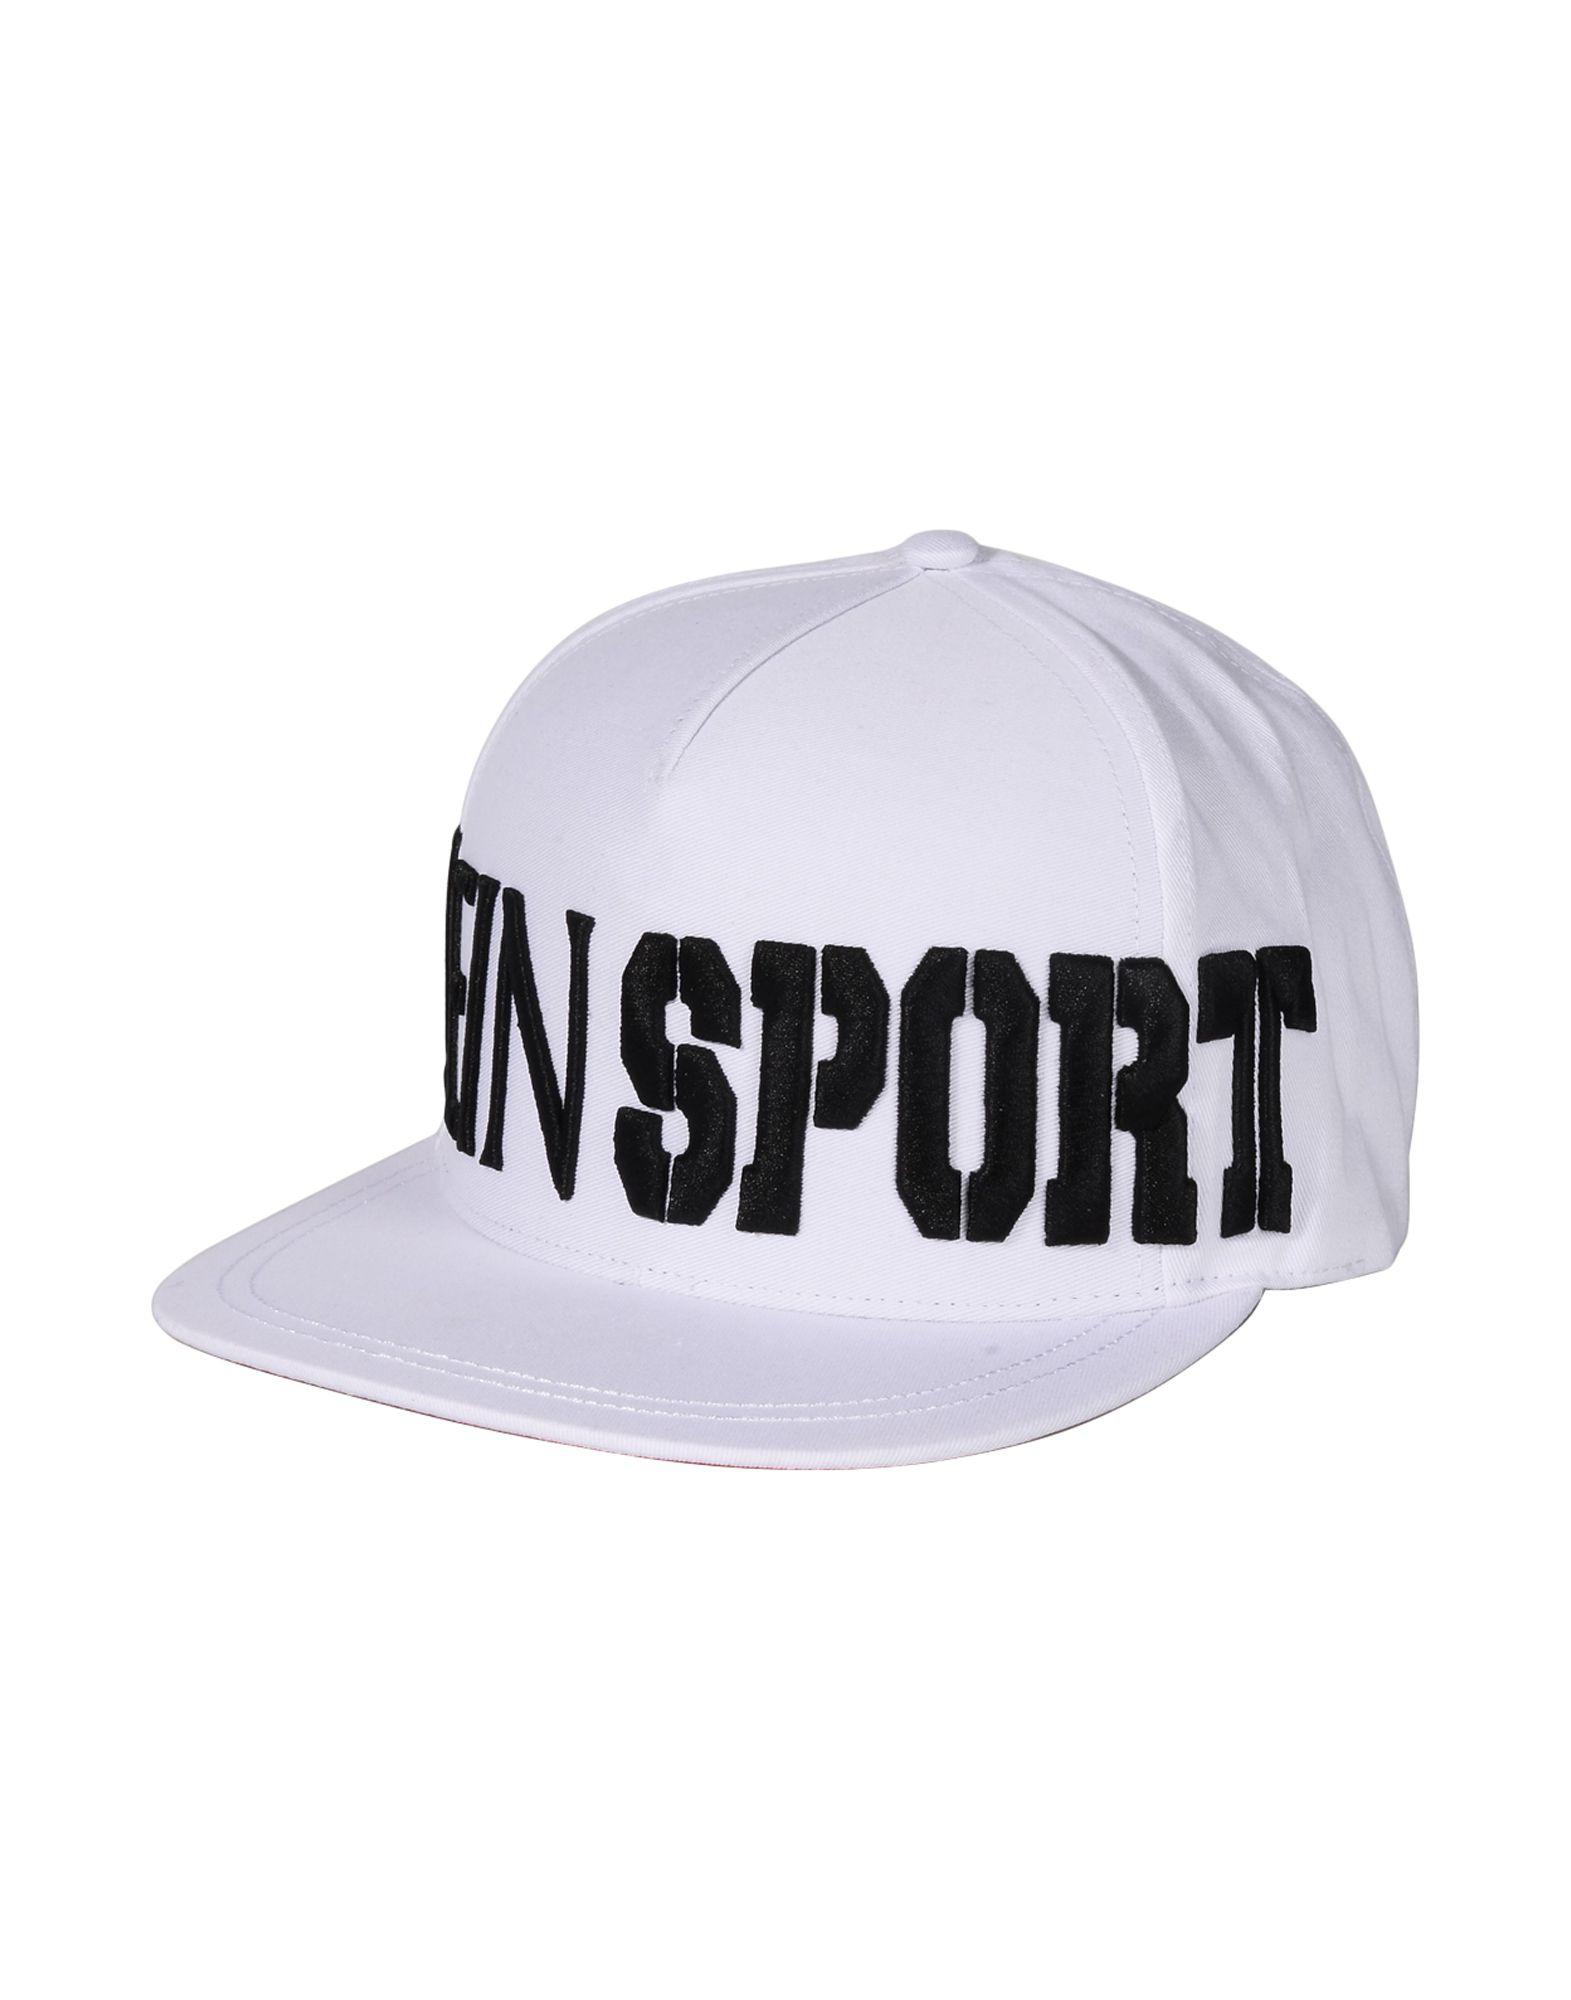 PLEIN SPORT プレイン・スポーツ メンズ 帽子 BASEBALL CAP 44 ホワイト